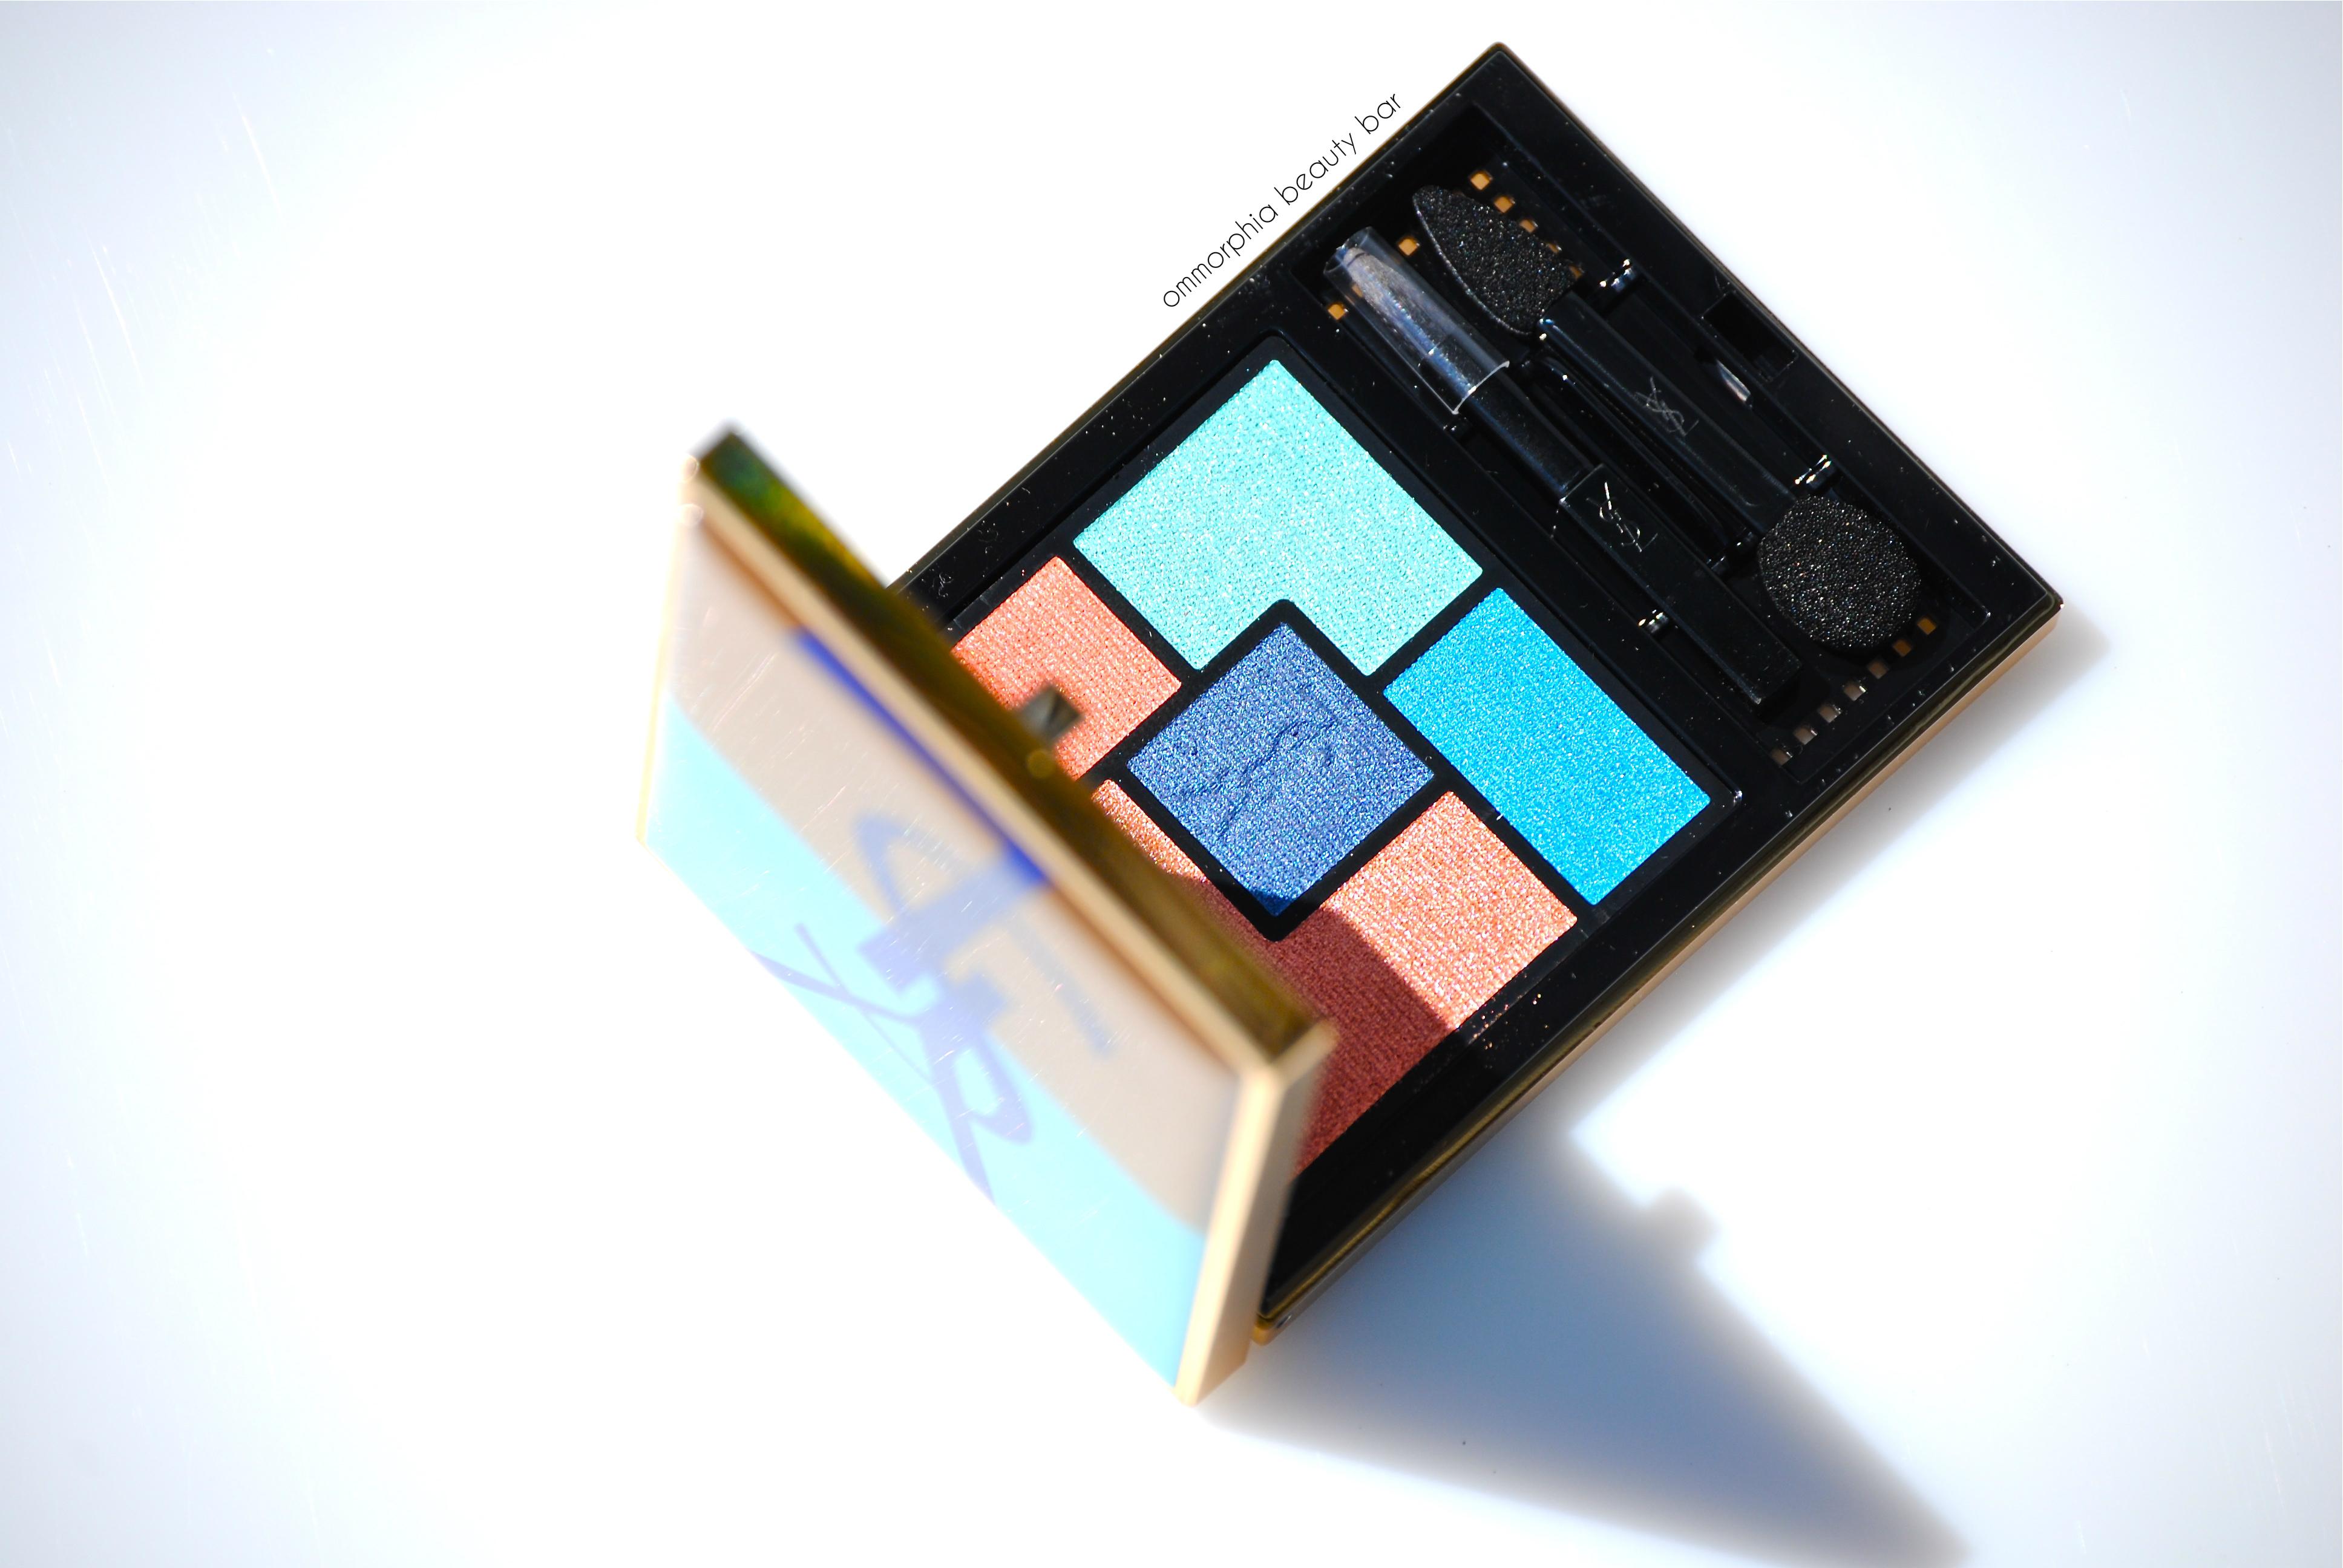 YSL Bleus Lumiere Summer 2014 Makeup Collection advise